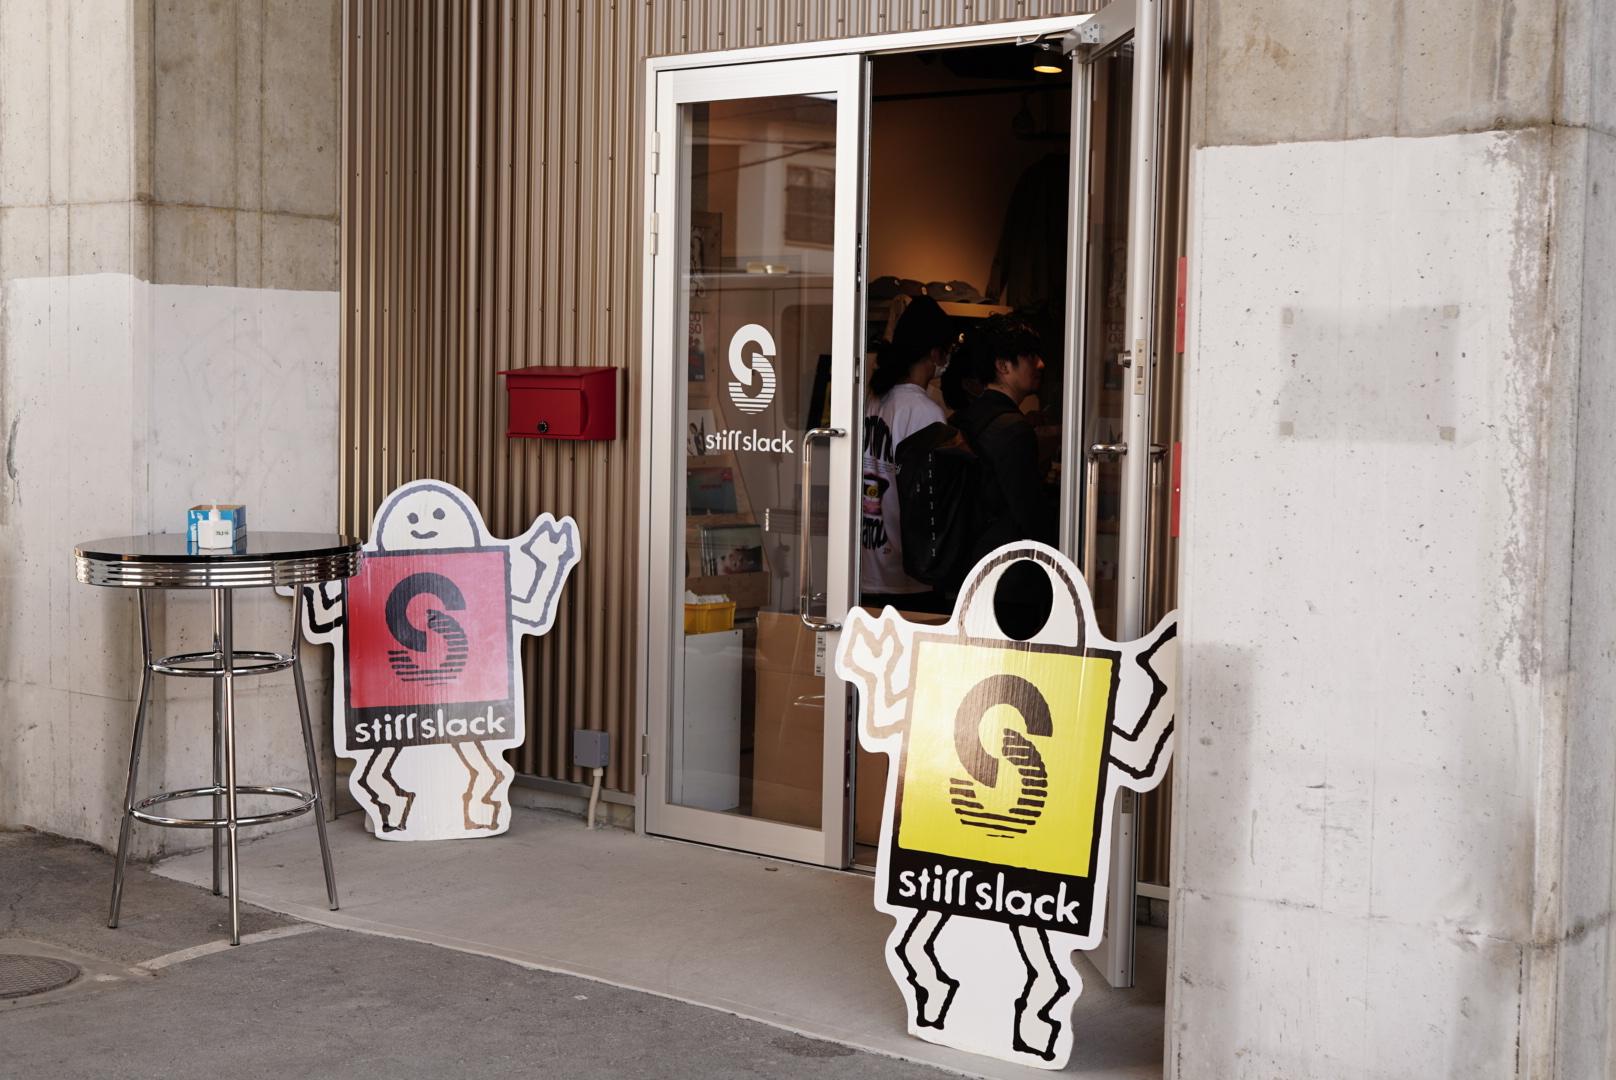 名鉄瀬戸線・高架下の新スポット「SAKUMACHI商店街」に12店舗がオープン! - 62451F82 9BF4 4B2D 9A2A A4B9A46491BA